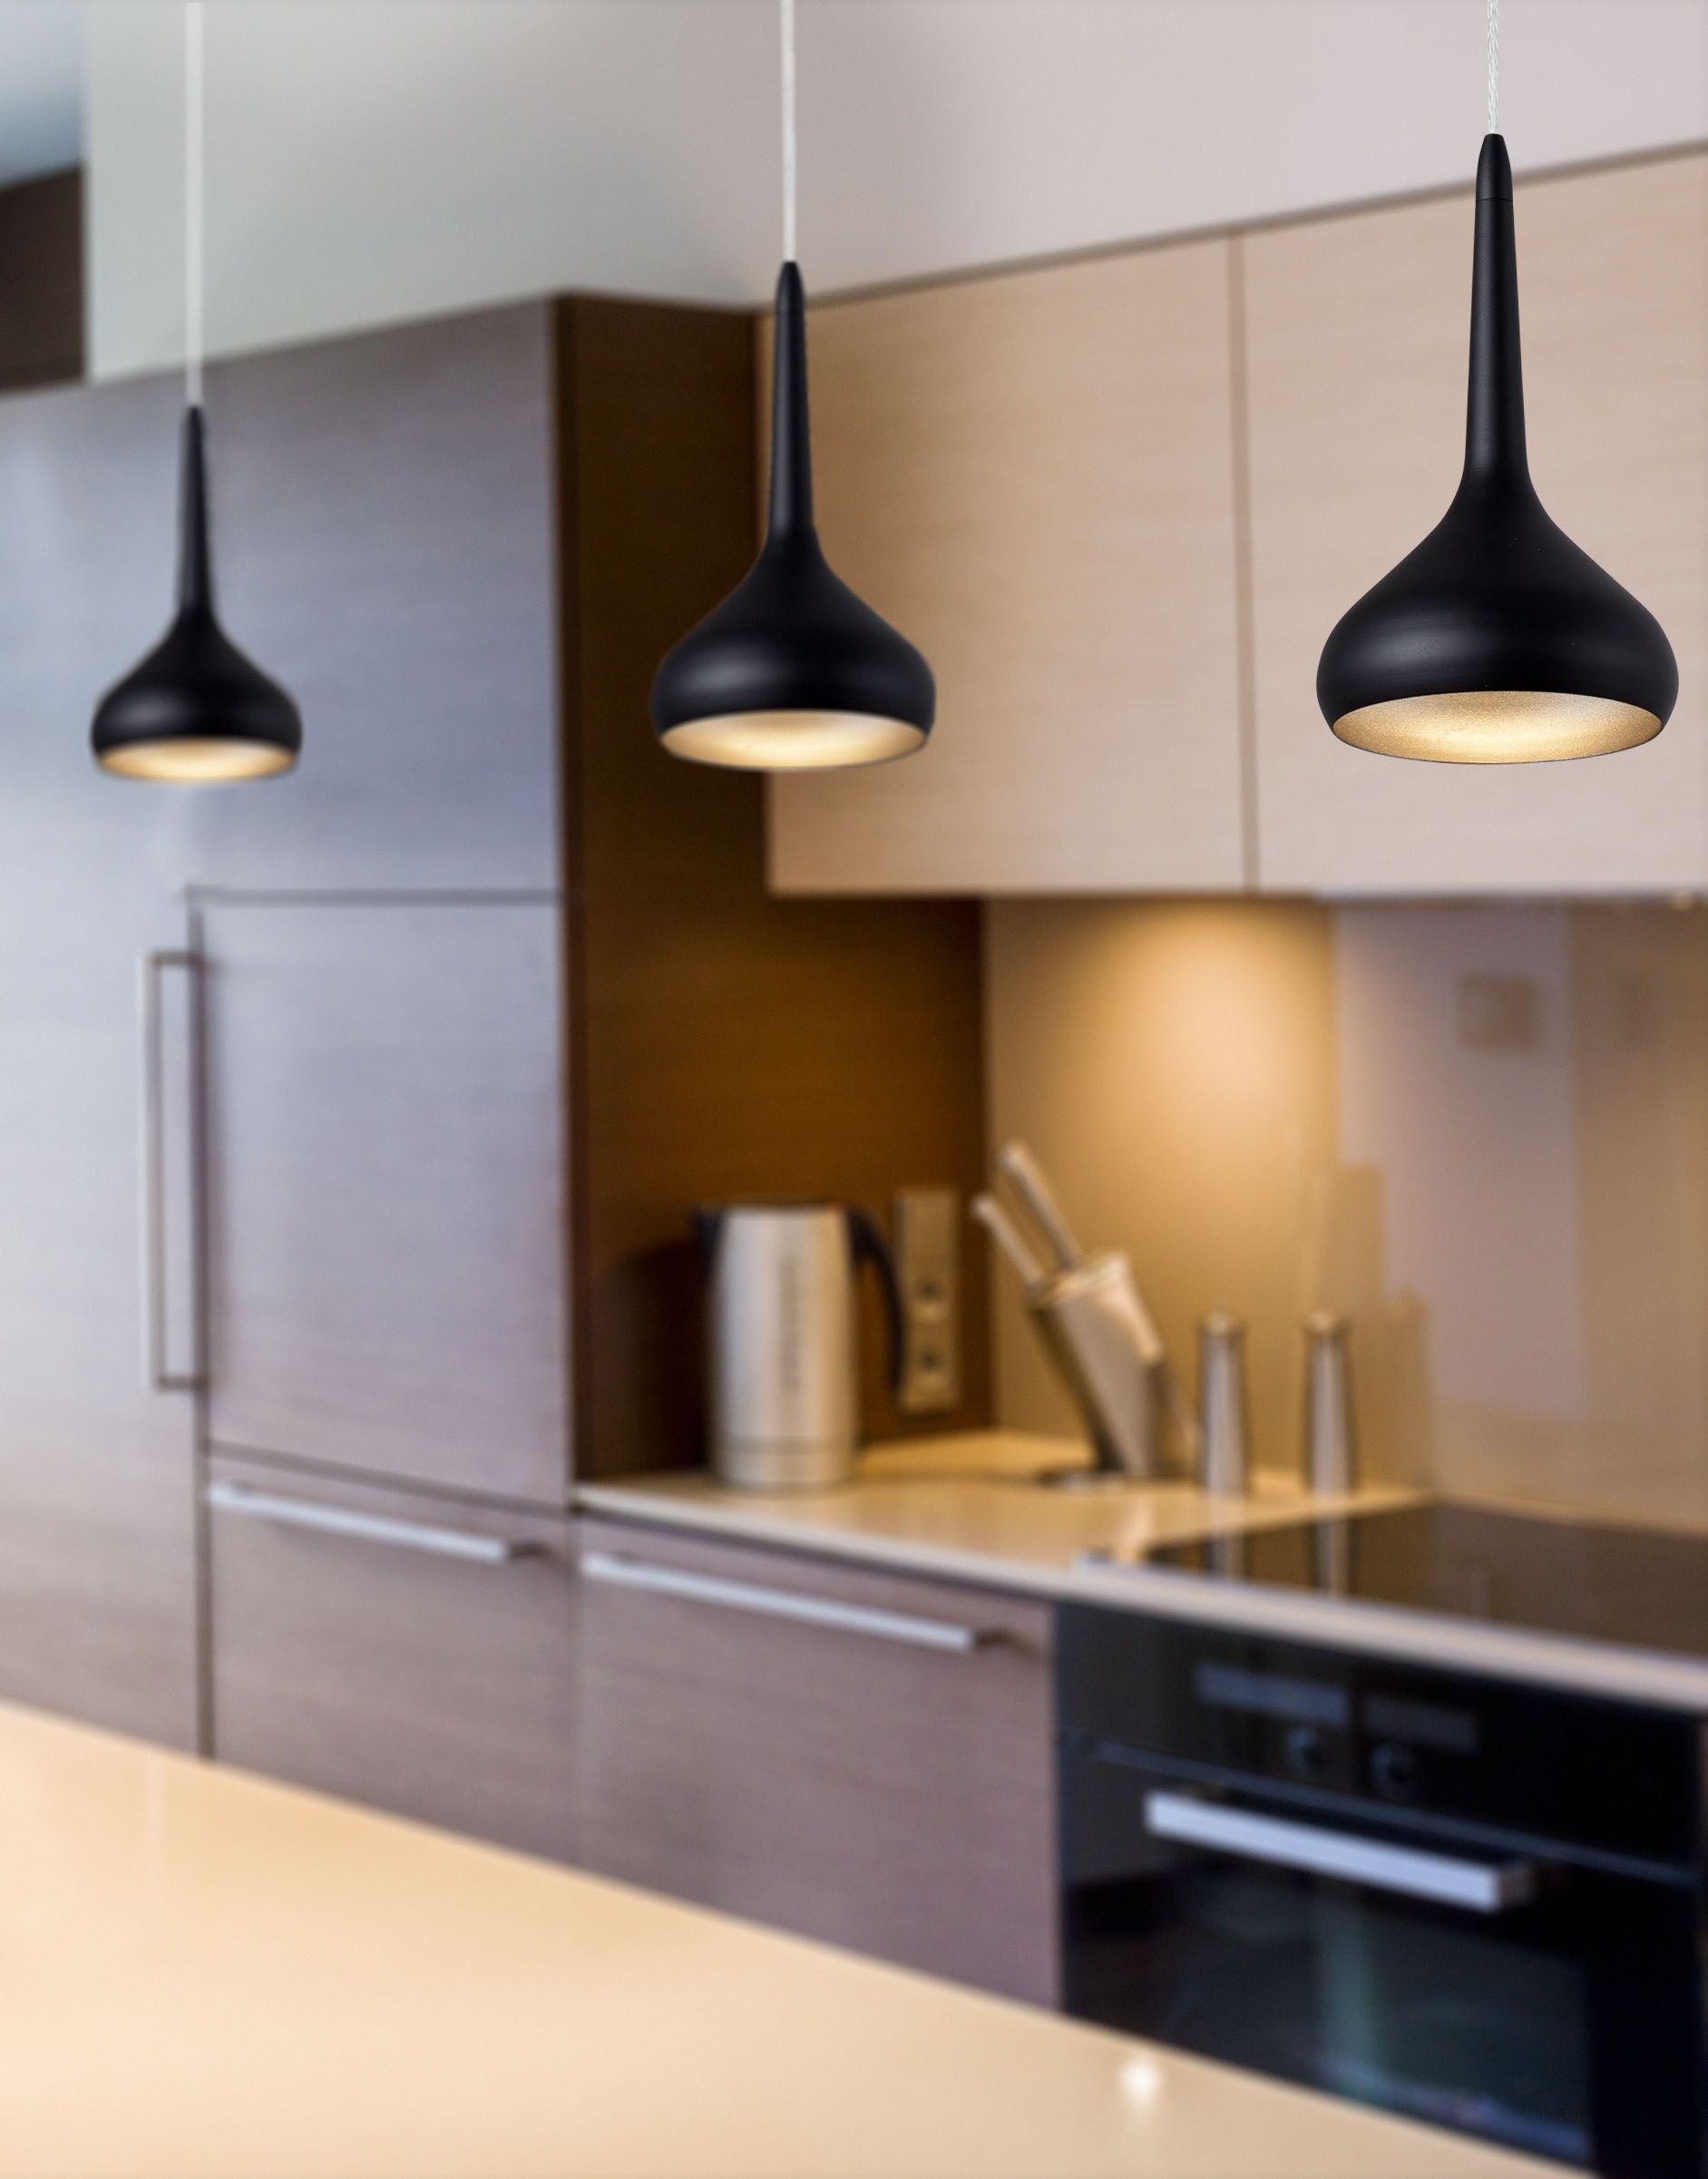 Comprar Lámparas Cocina | Comprar lamparas, Colgantes y Lámpara led